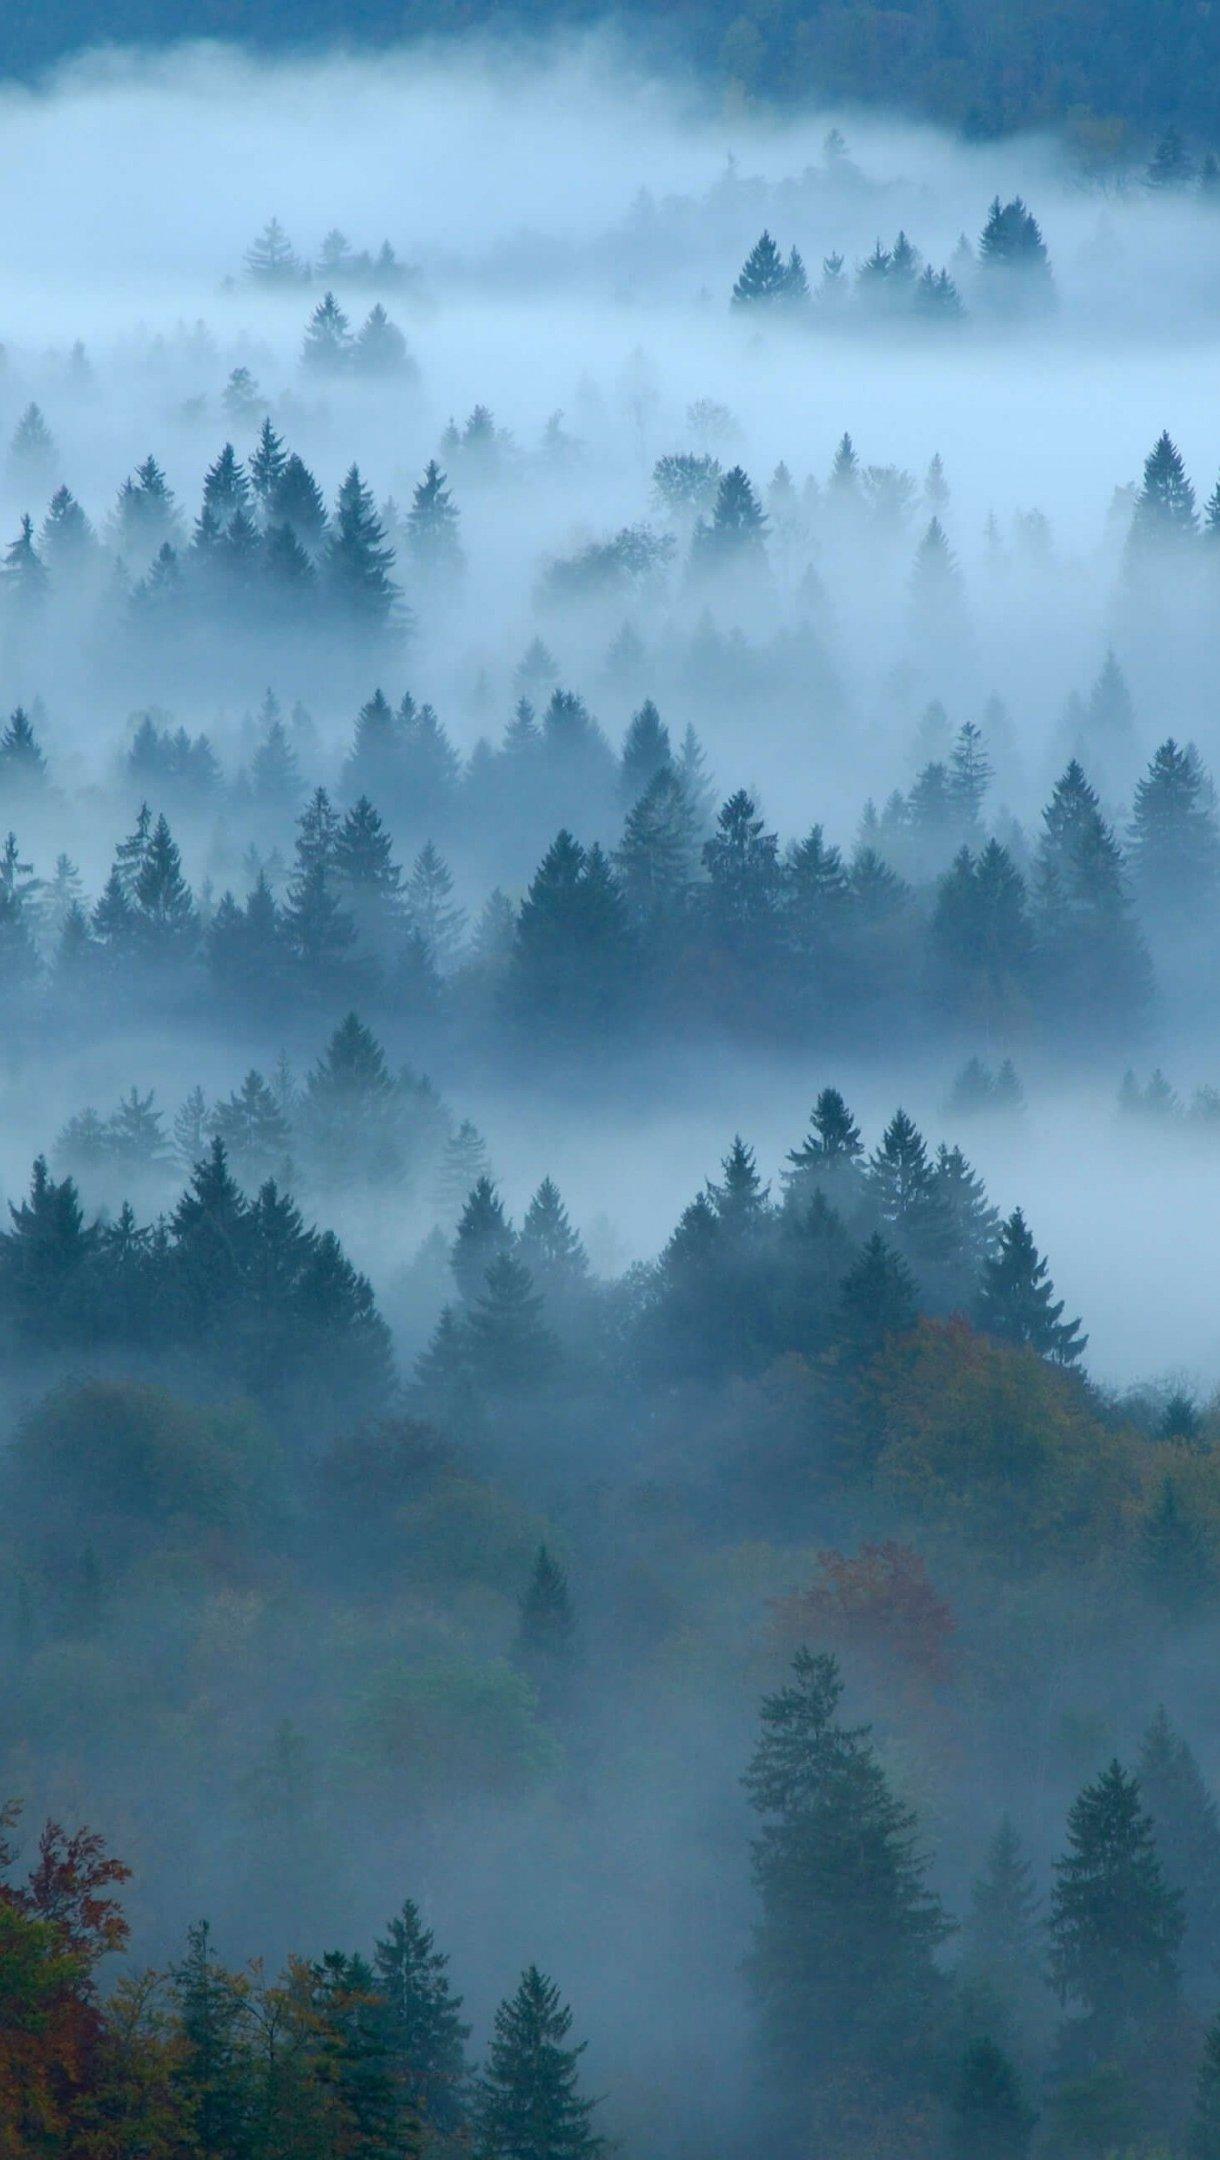 Fondos de pantalla Bosque con niebla Vertical